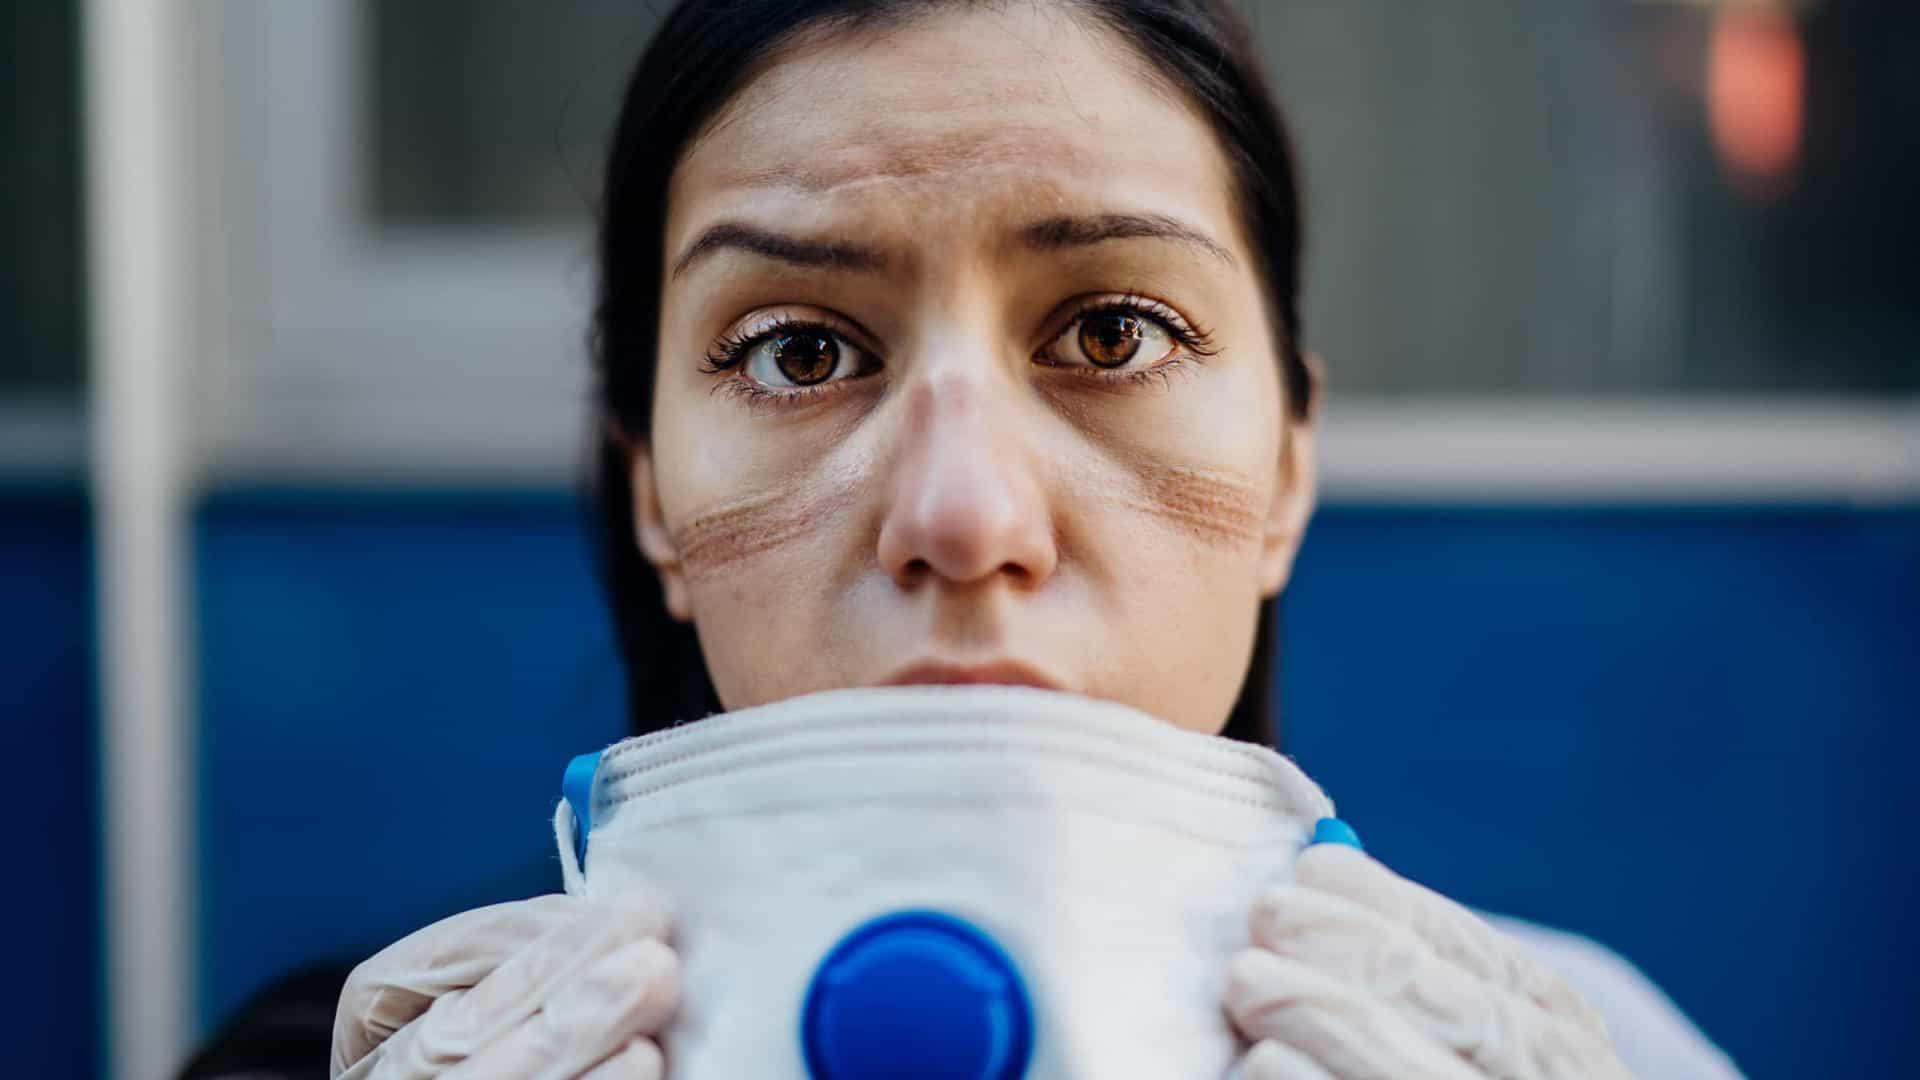 Covid-19: pesquisa revela impactos em 95% dos profissionais de saúde